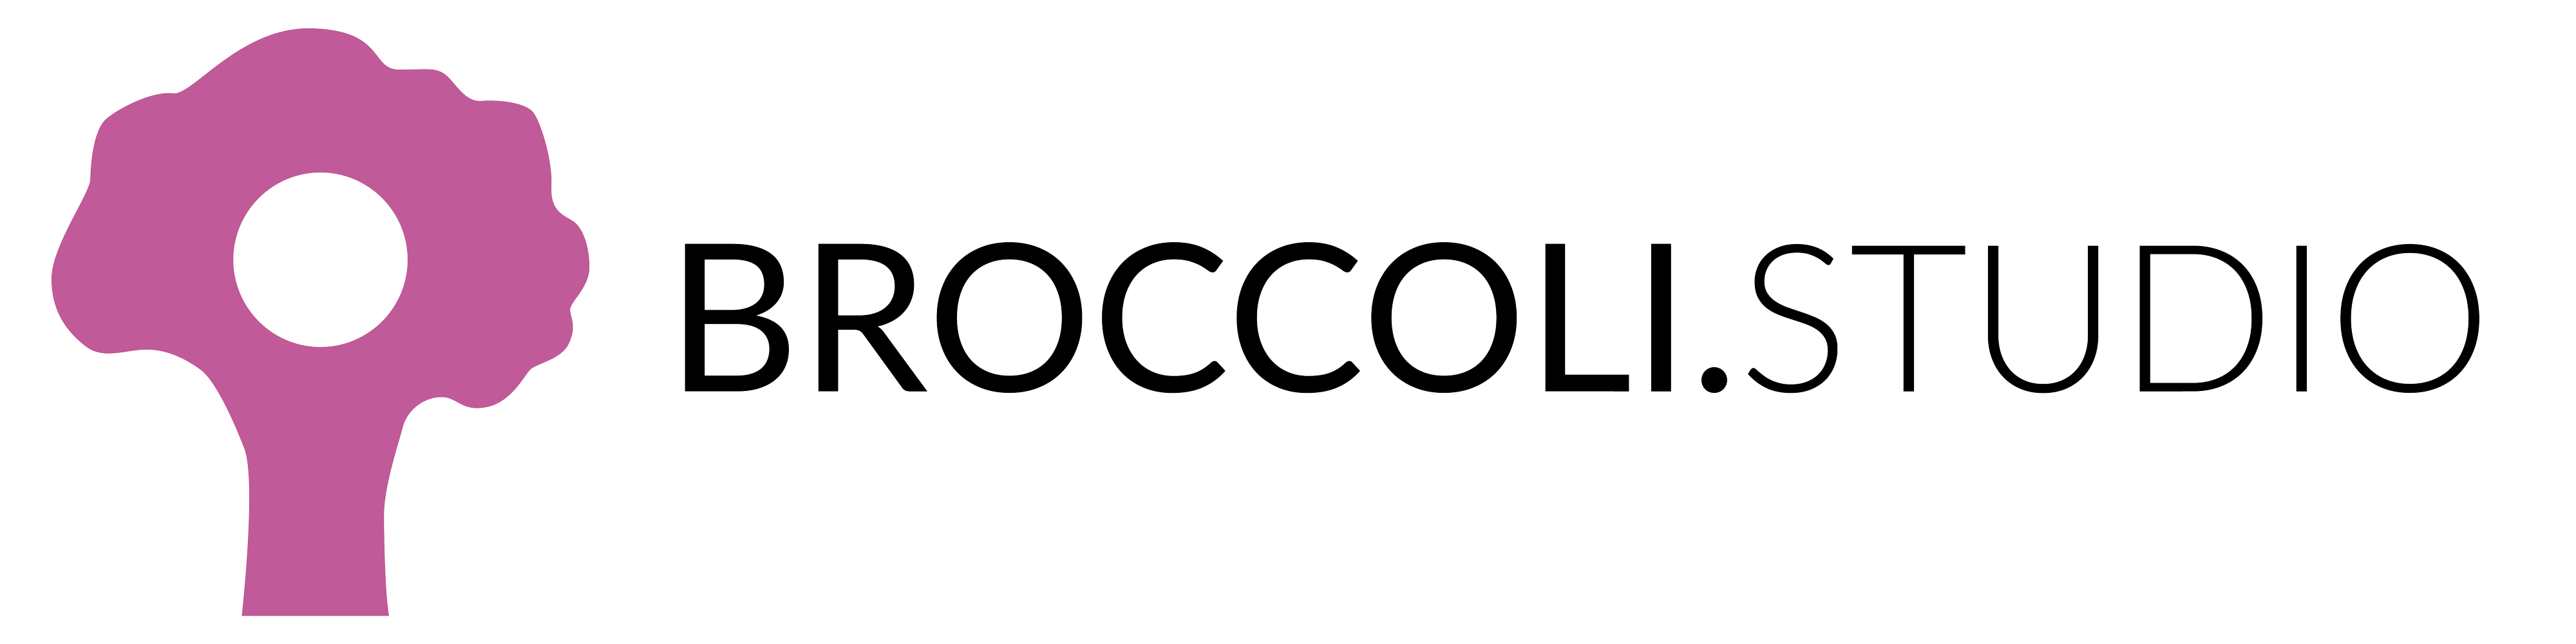 BROCCOLI.STUDIO